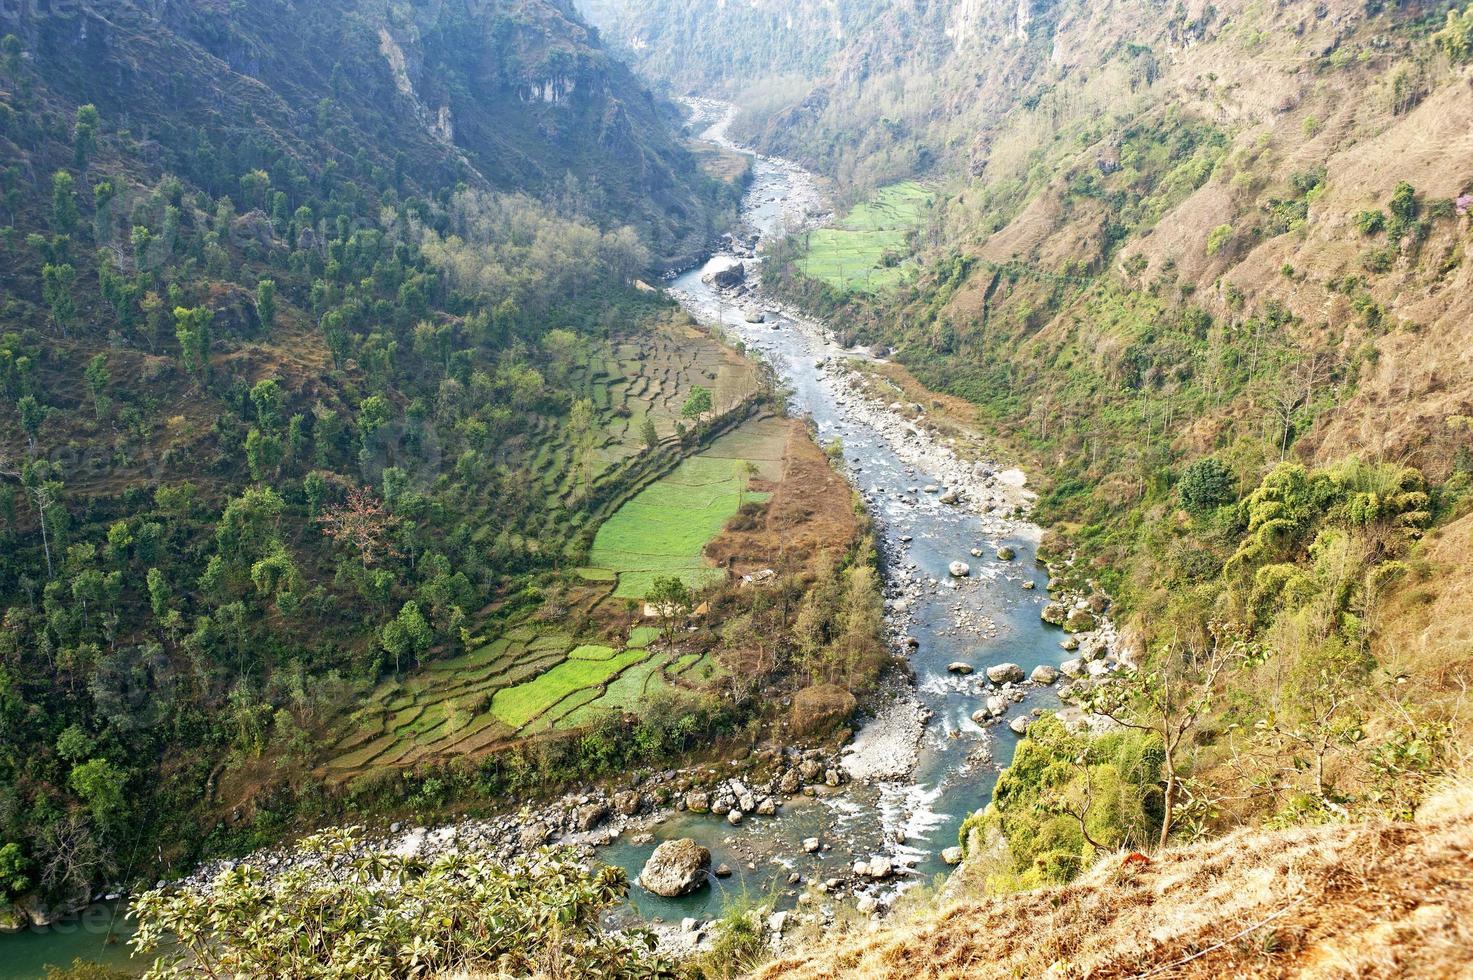 Modi river gorge photo